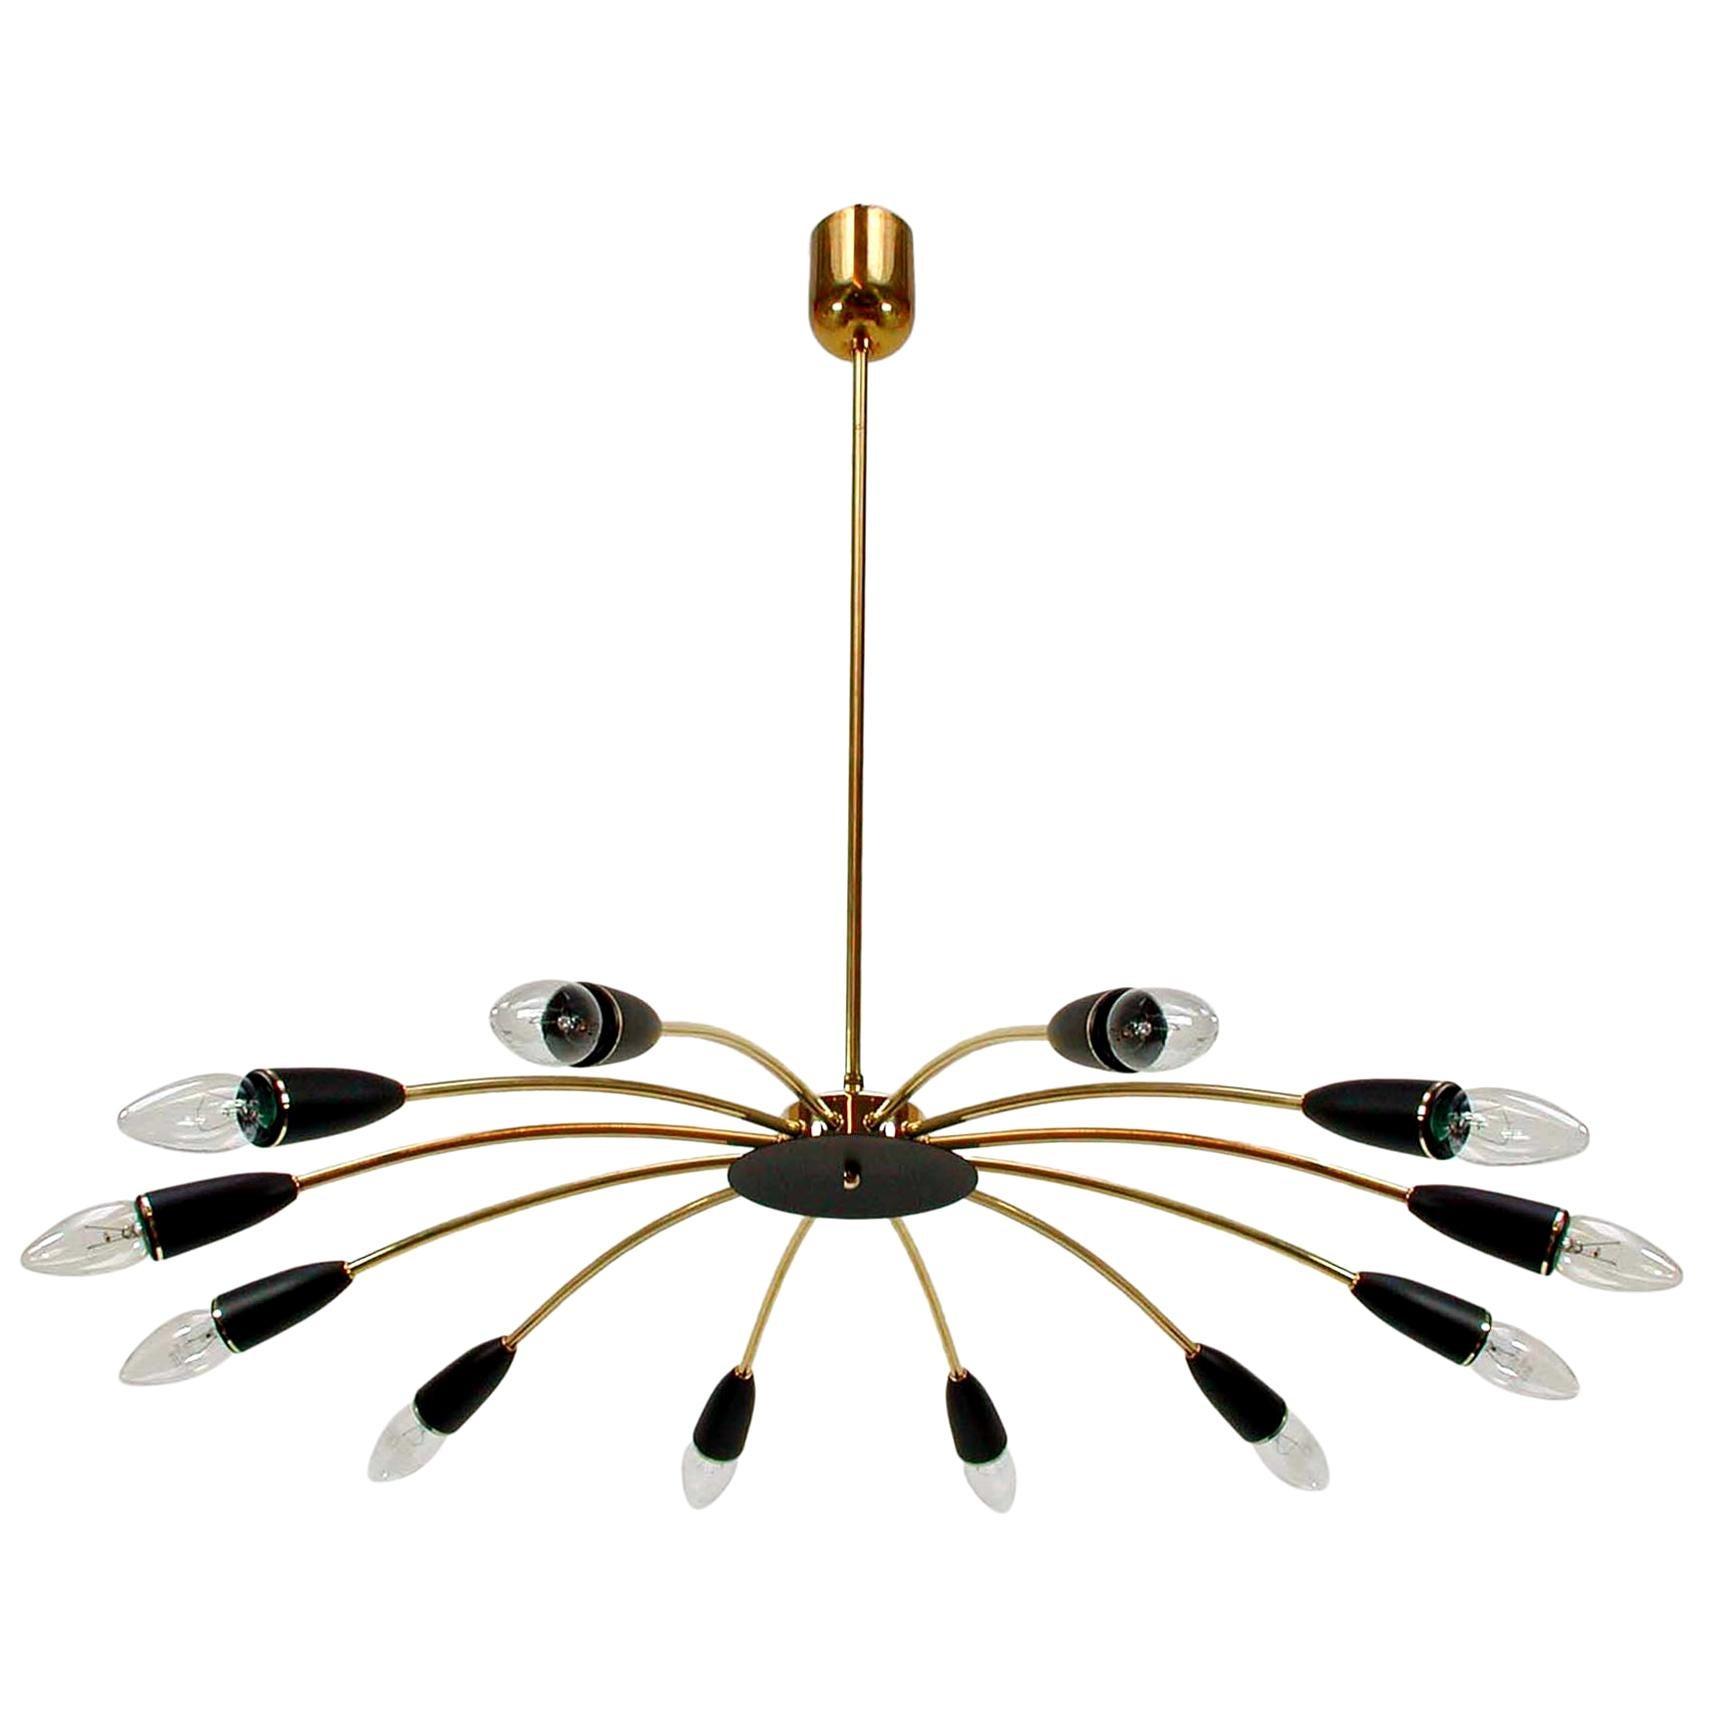 Italian Midcentury Twelve-Light Sputnik Chandelier in the Manner of Stilnovo